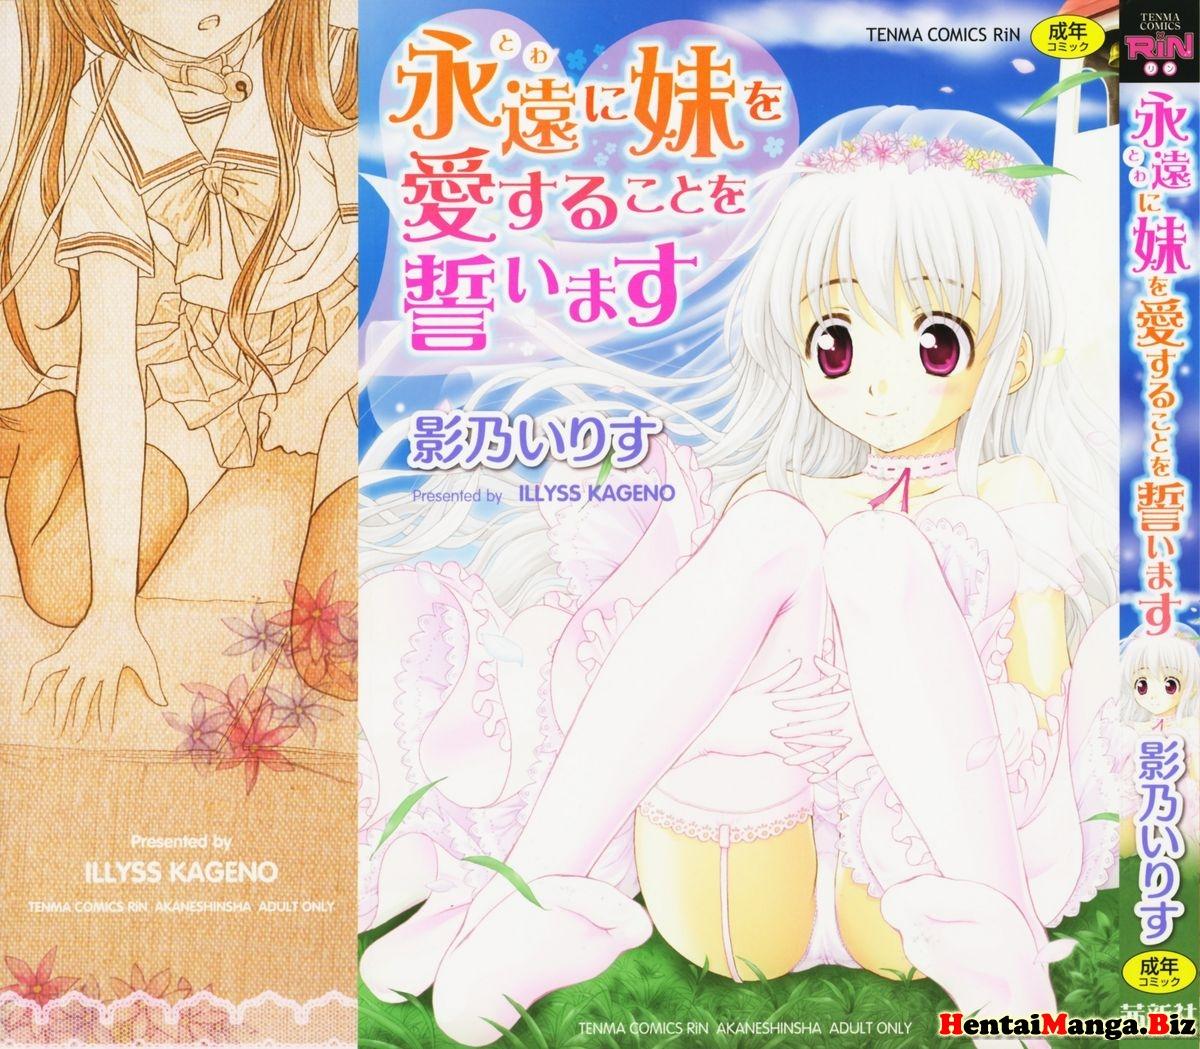 Incest Hentai - [Kageno Illyss] Towa ni Imouto wo Aisuru Koto wo Chikaimasu-Read-Hentai-Manga-Onlnie